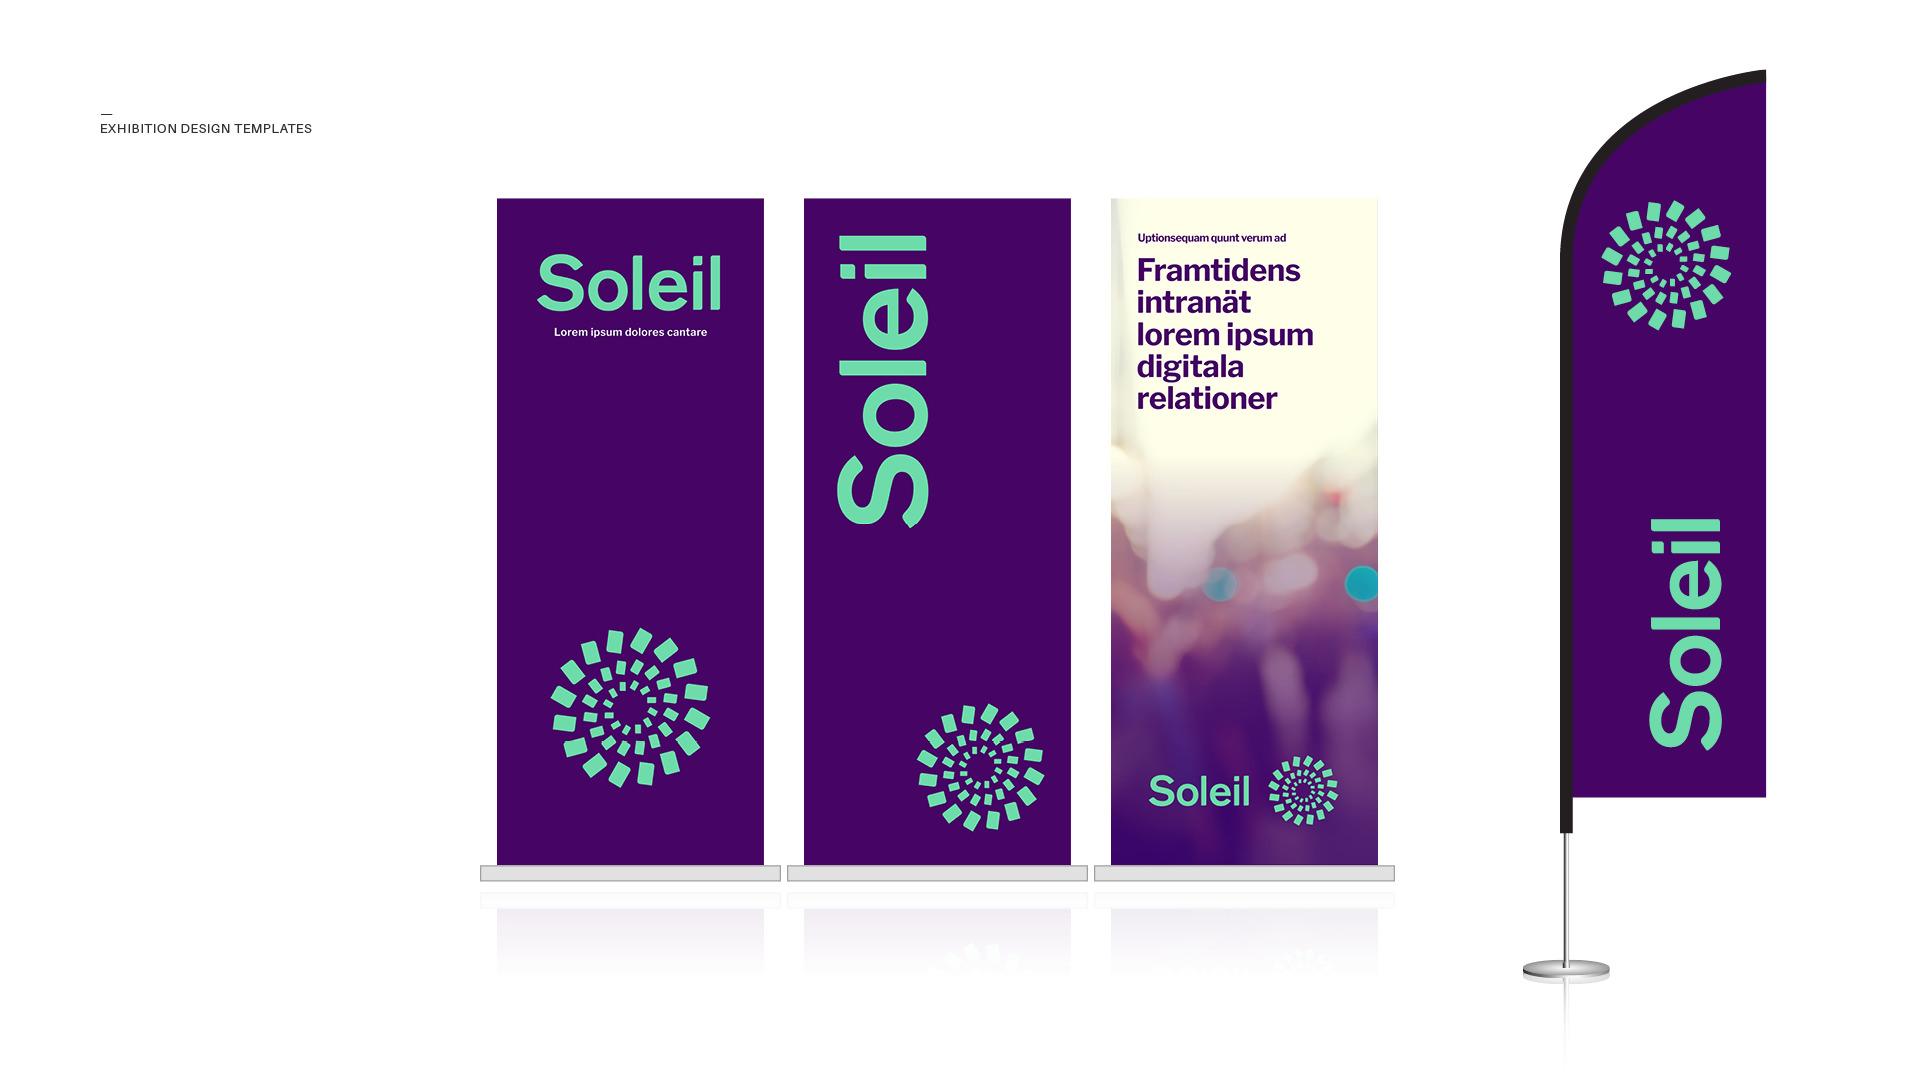 design-exhibition-soleil-2